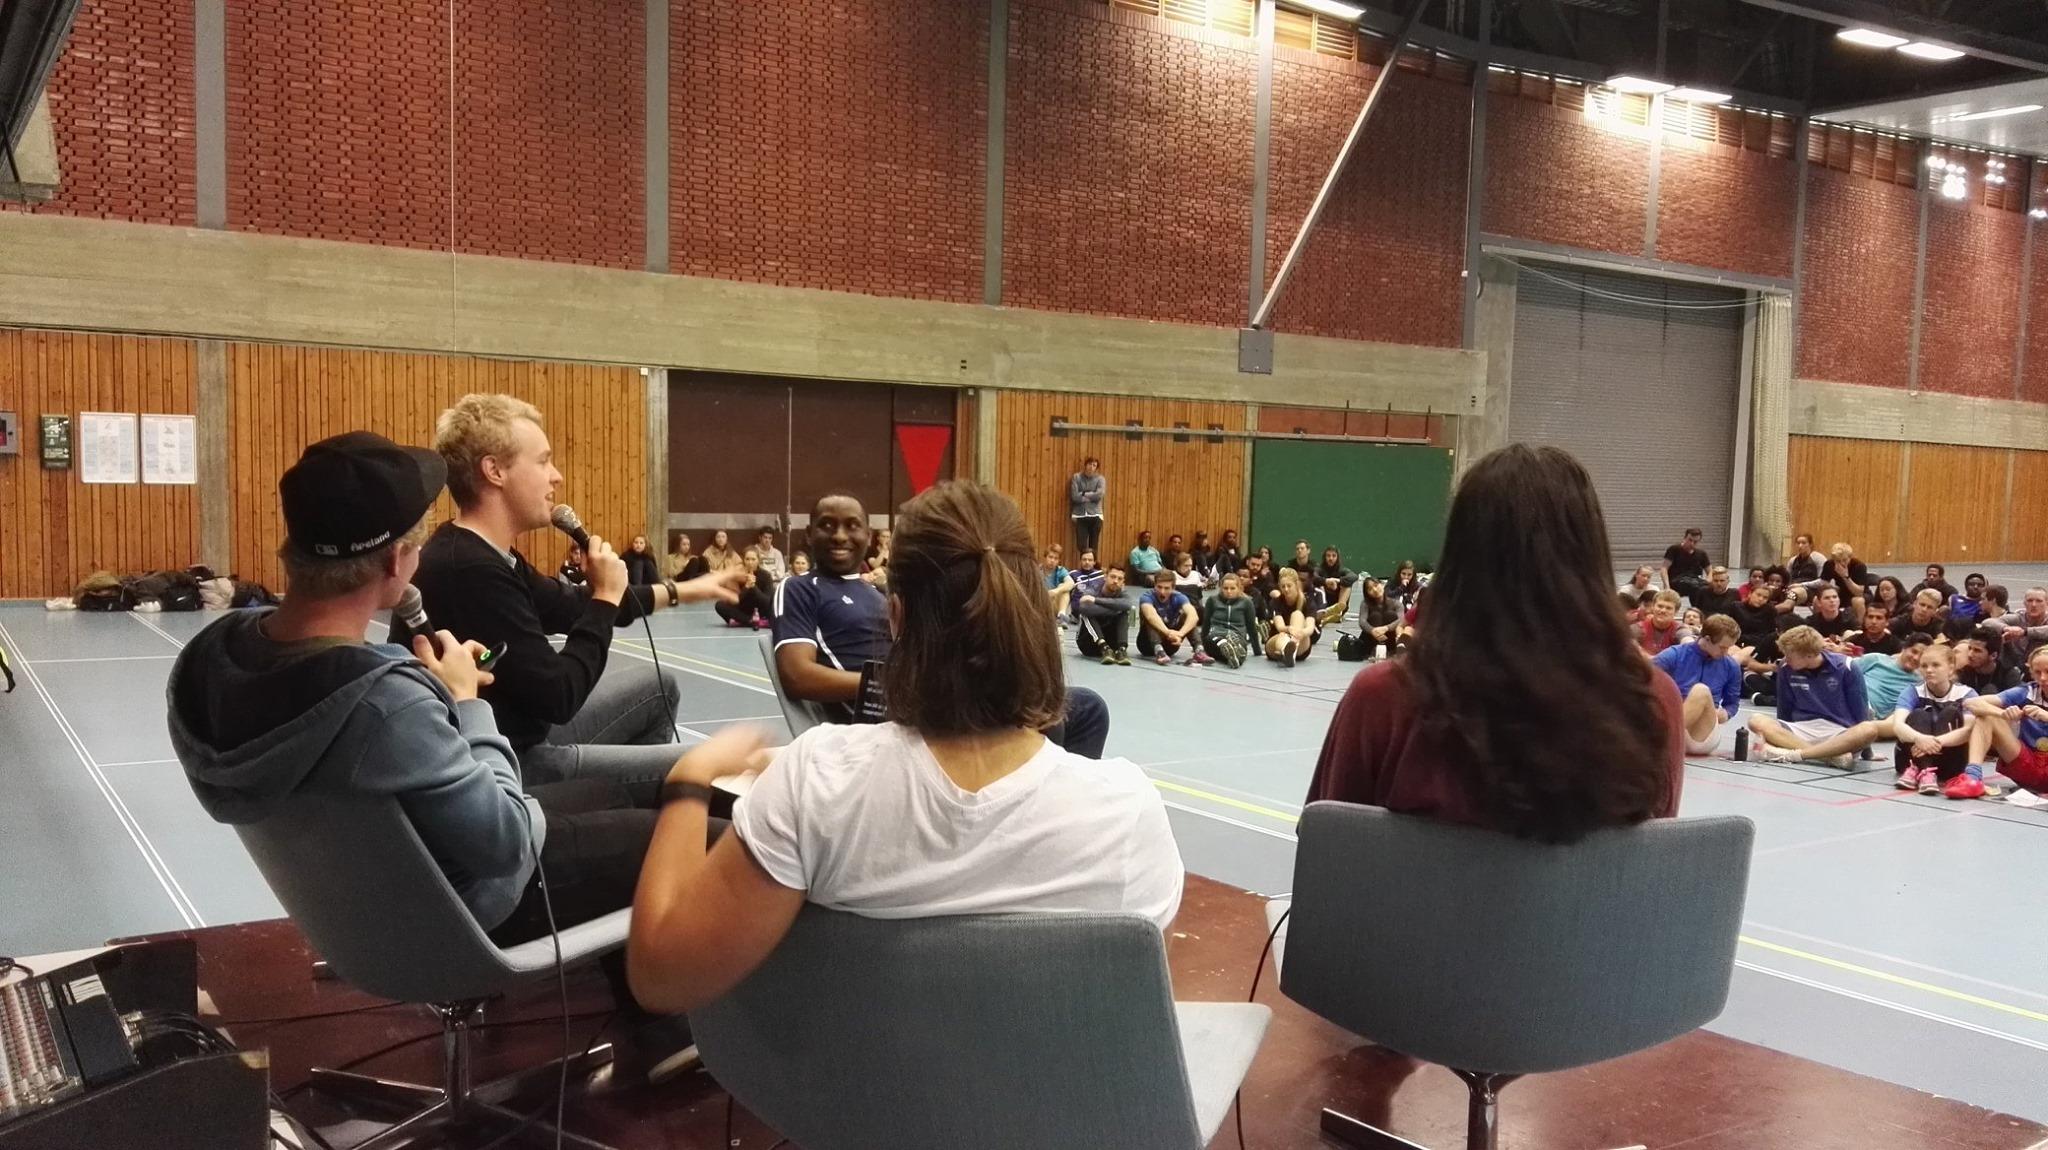 Med MG-festivalen har ungdommer fra ulike bakgrunner fått en god arena for å samle seg og prate om tro